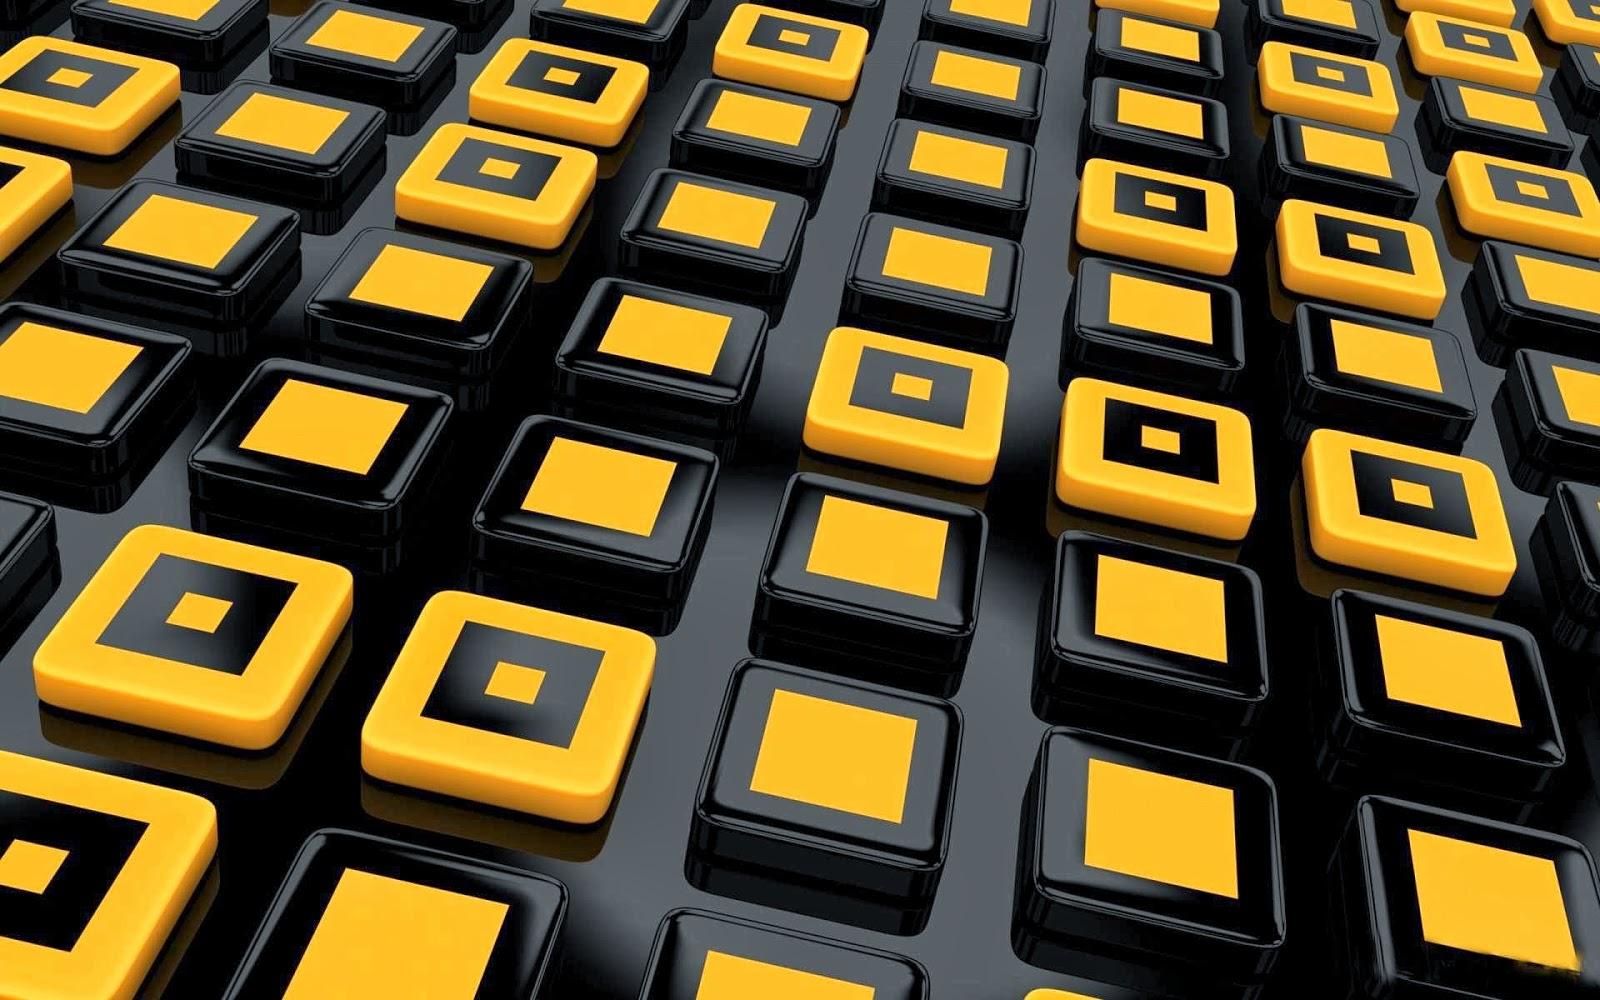 Fondo de pantalla abstracto cubos amarillos mis fondos hd fondo de pantalla abstracto cubos amarillos thecheapjerseys Images